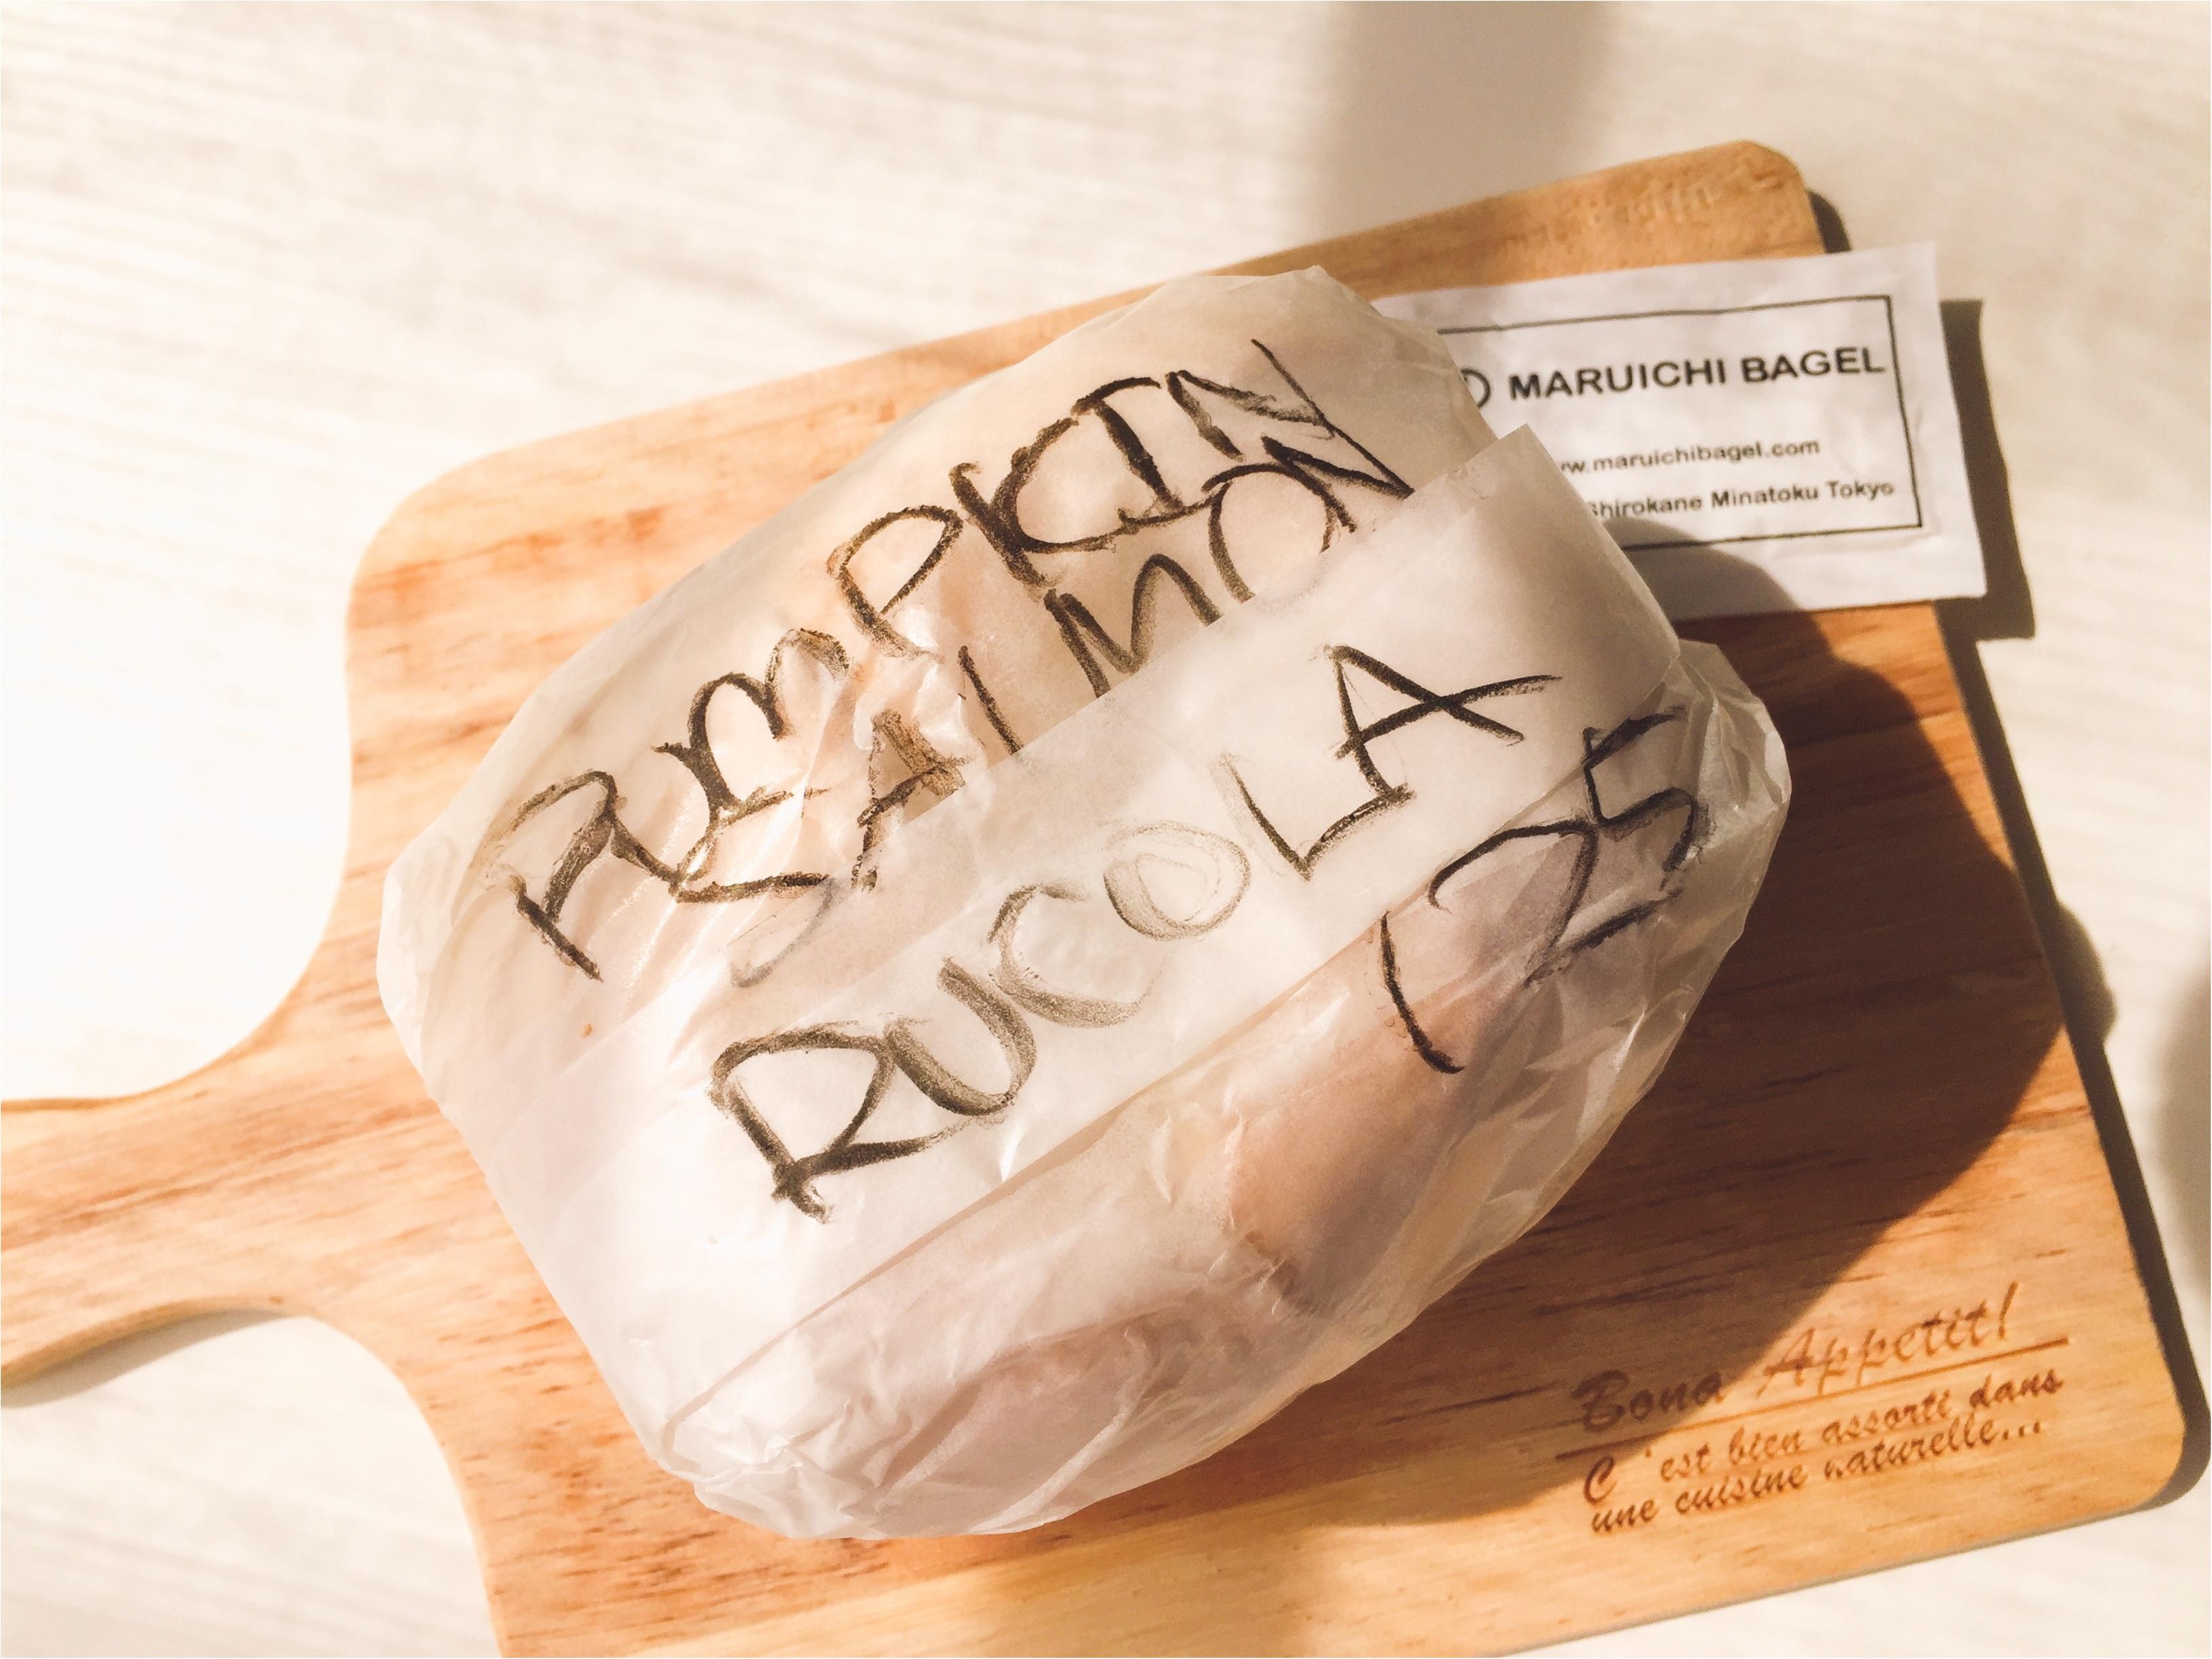 【東京の美味しいパン屋巡り】〜ベーグル専門店『マルイチベーグル』〜_2